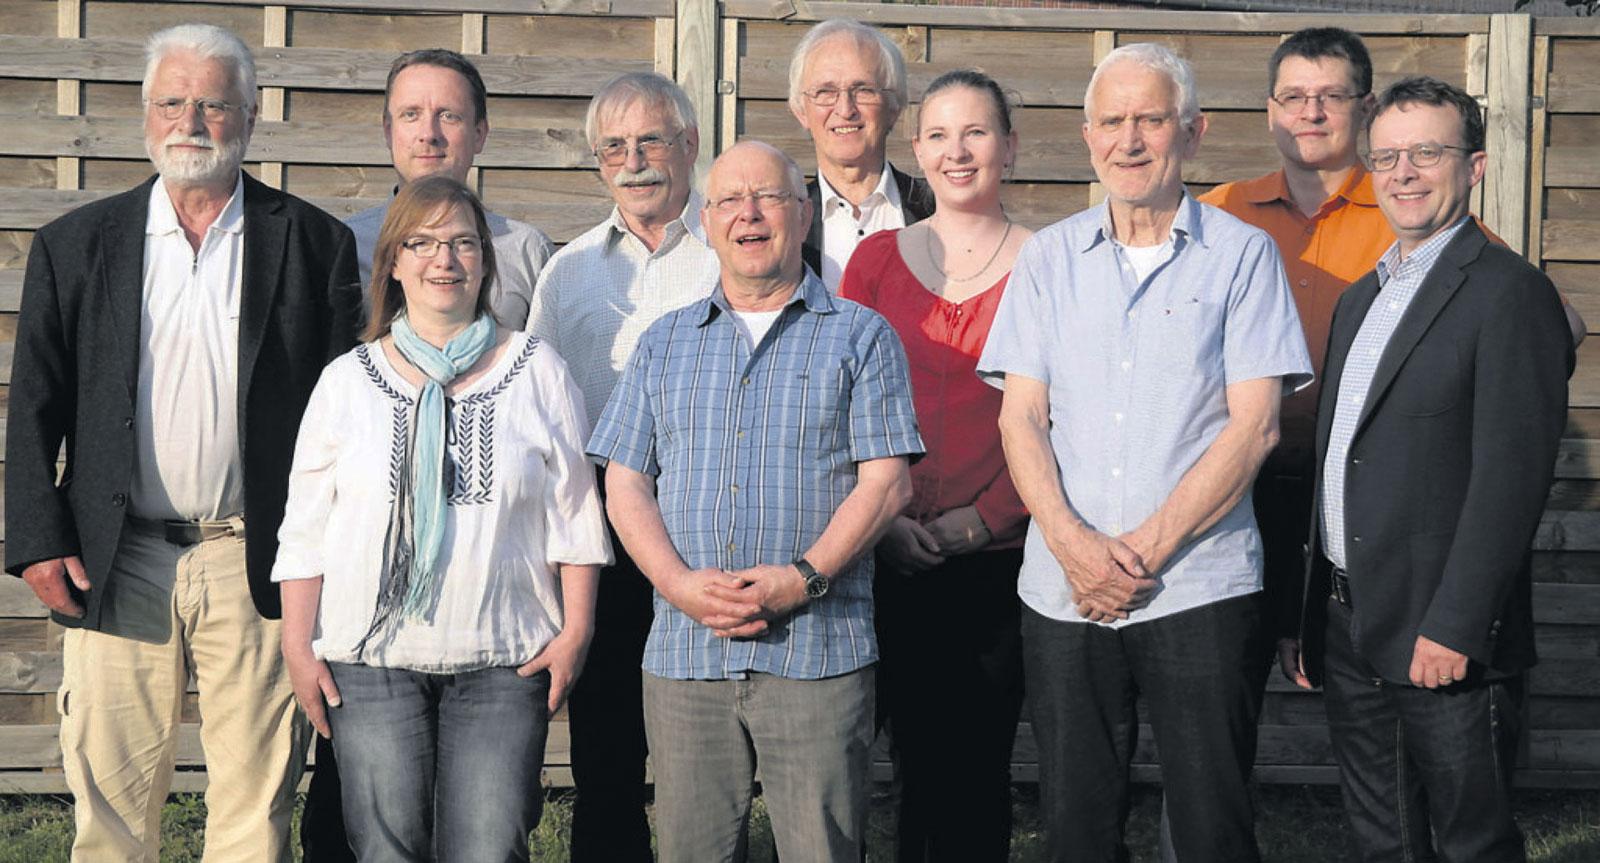 Die Kandidaten für die Wahl zum Samtgemeinderat Tostedt im Wahlbereich 2 (Außendörfer)